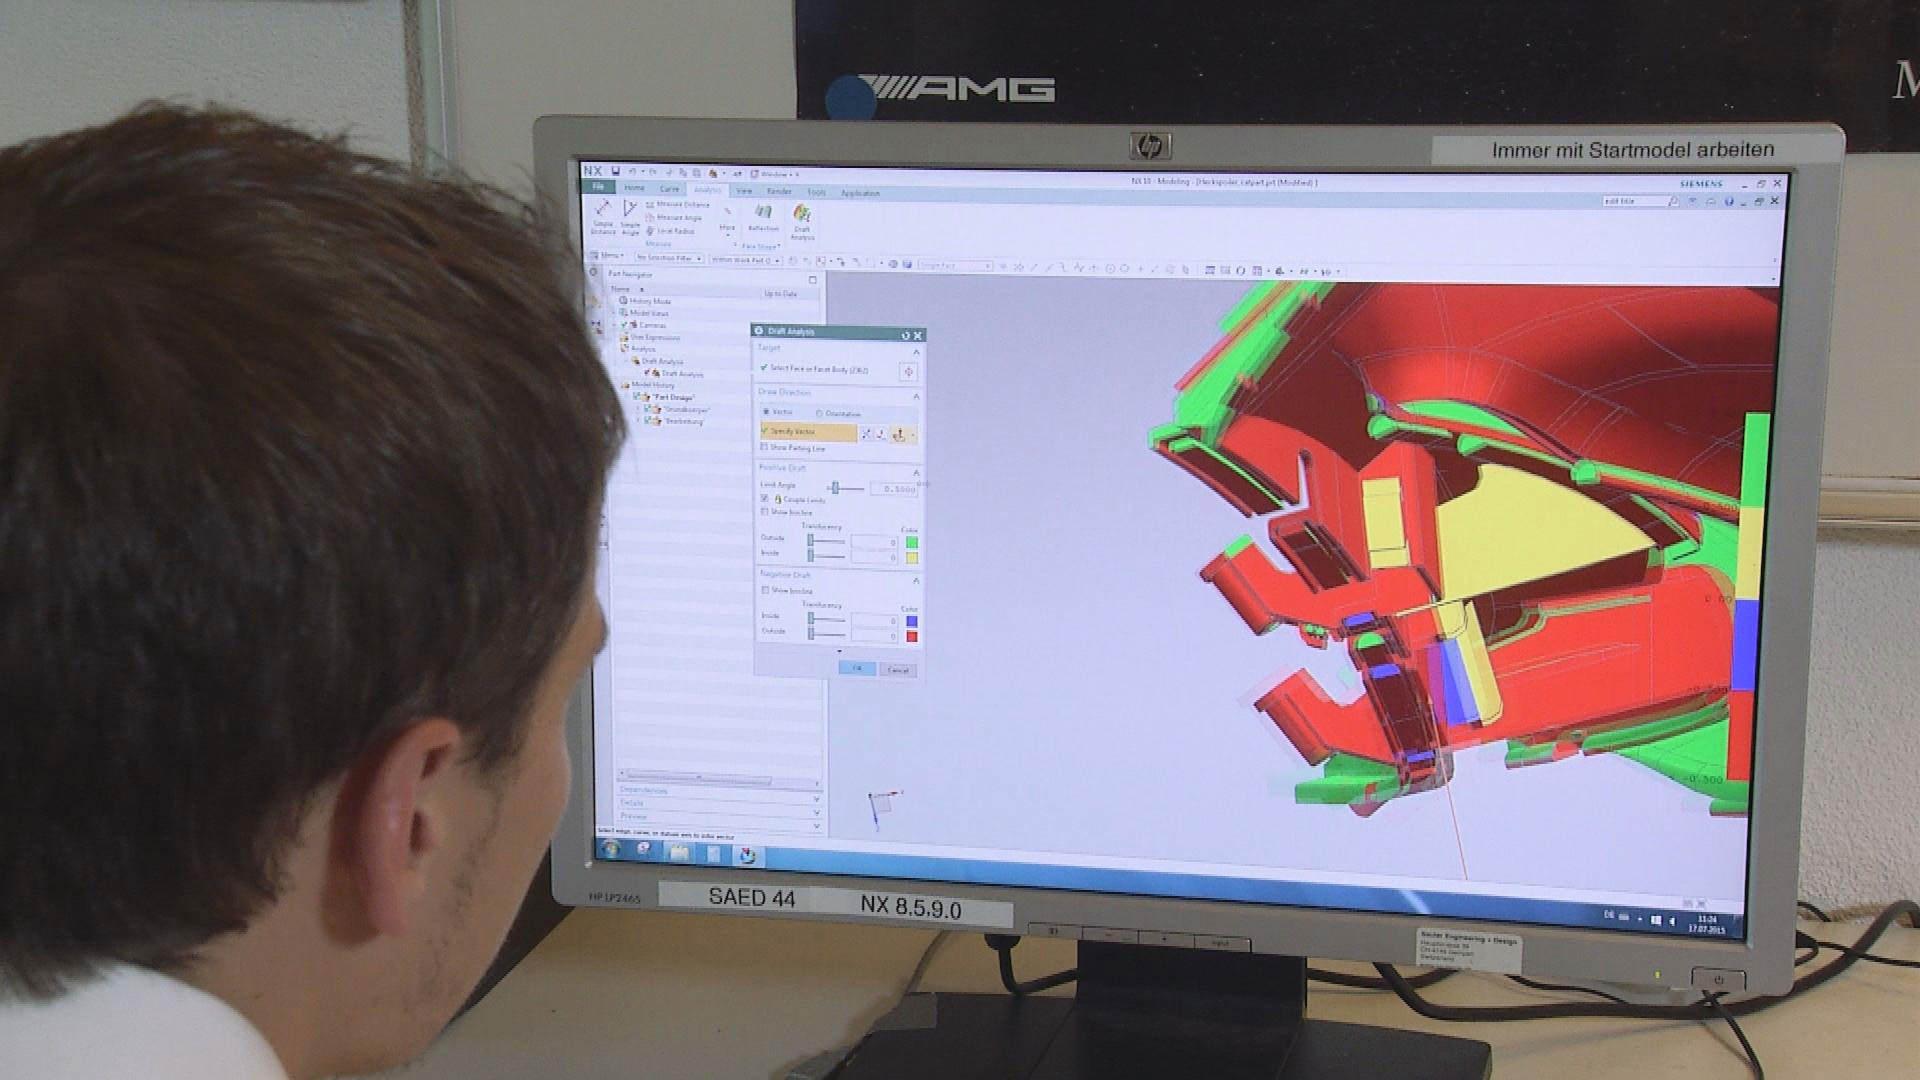 Sauter_Engineering+Design_Produktentwicklung-Konstruktion-c